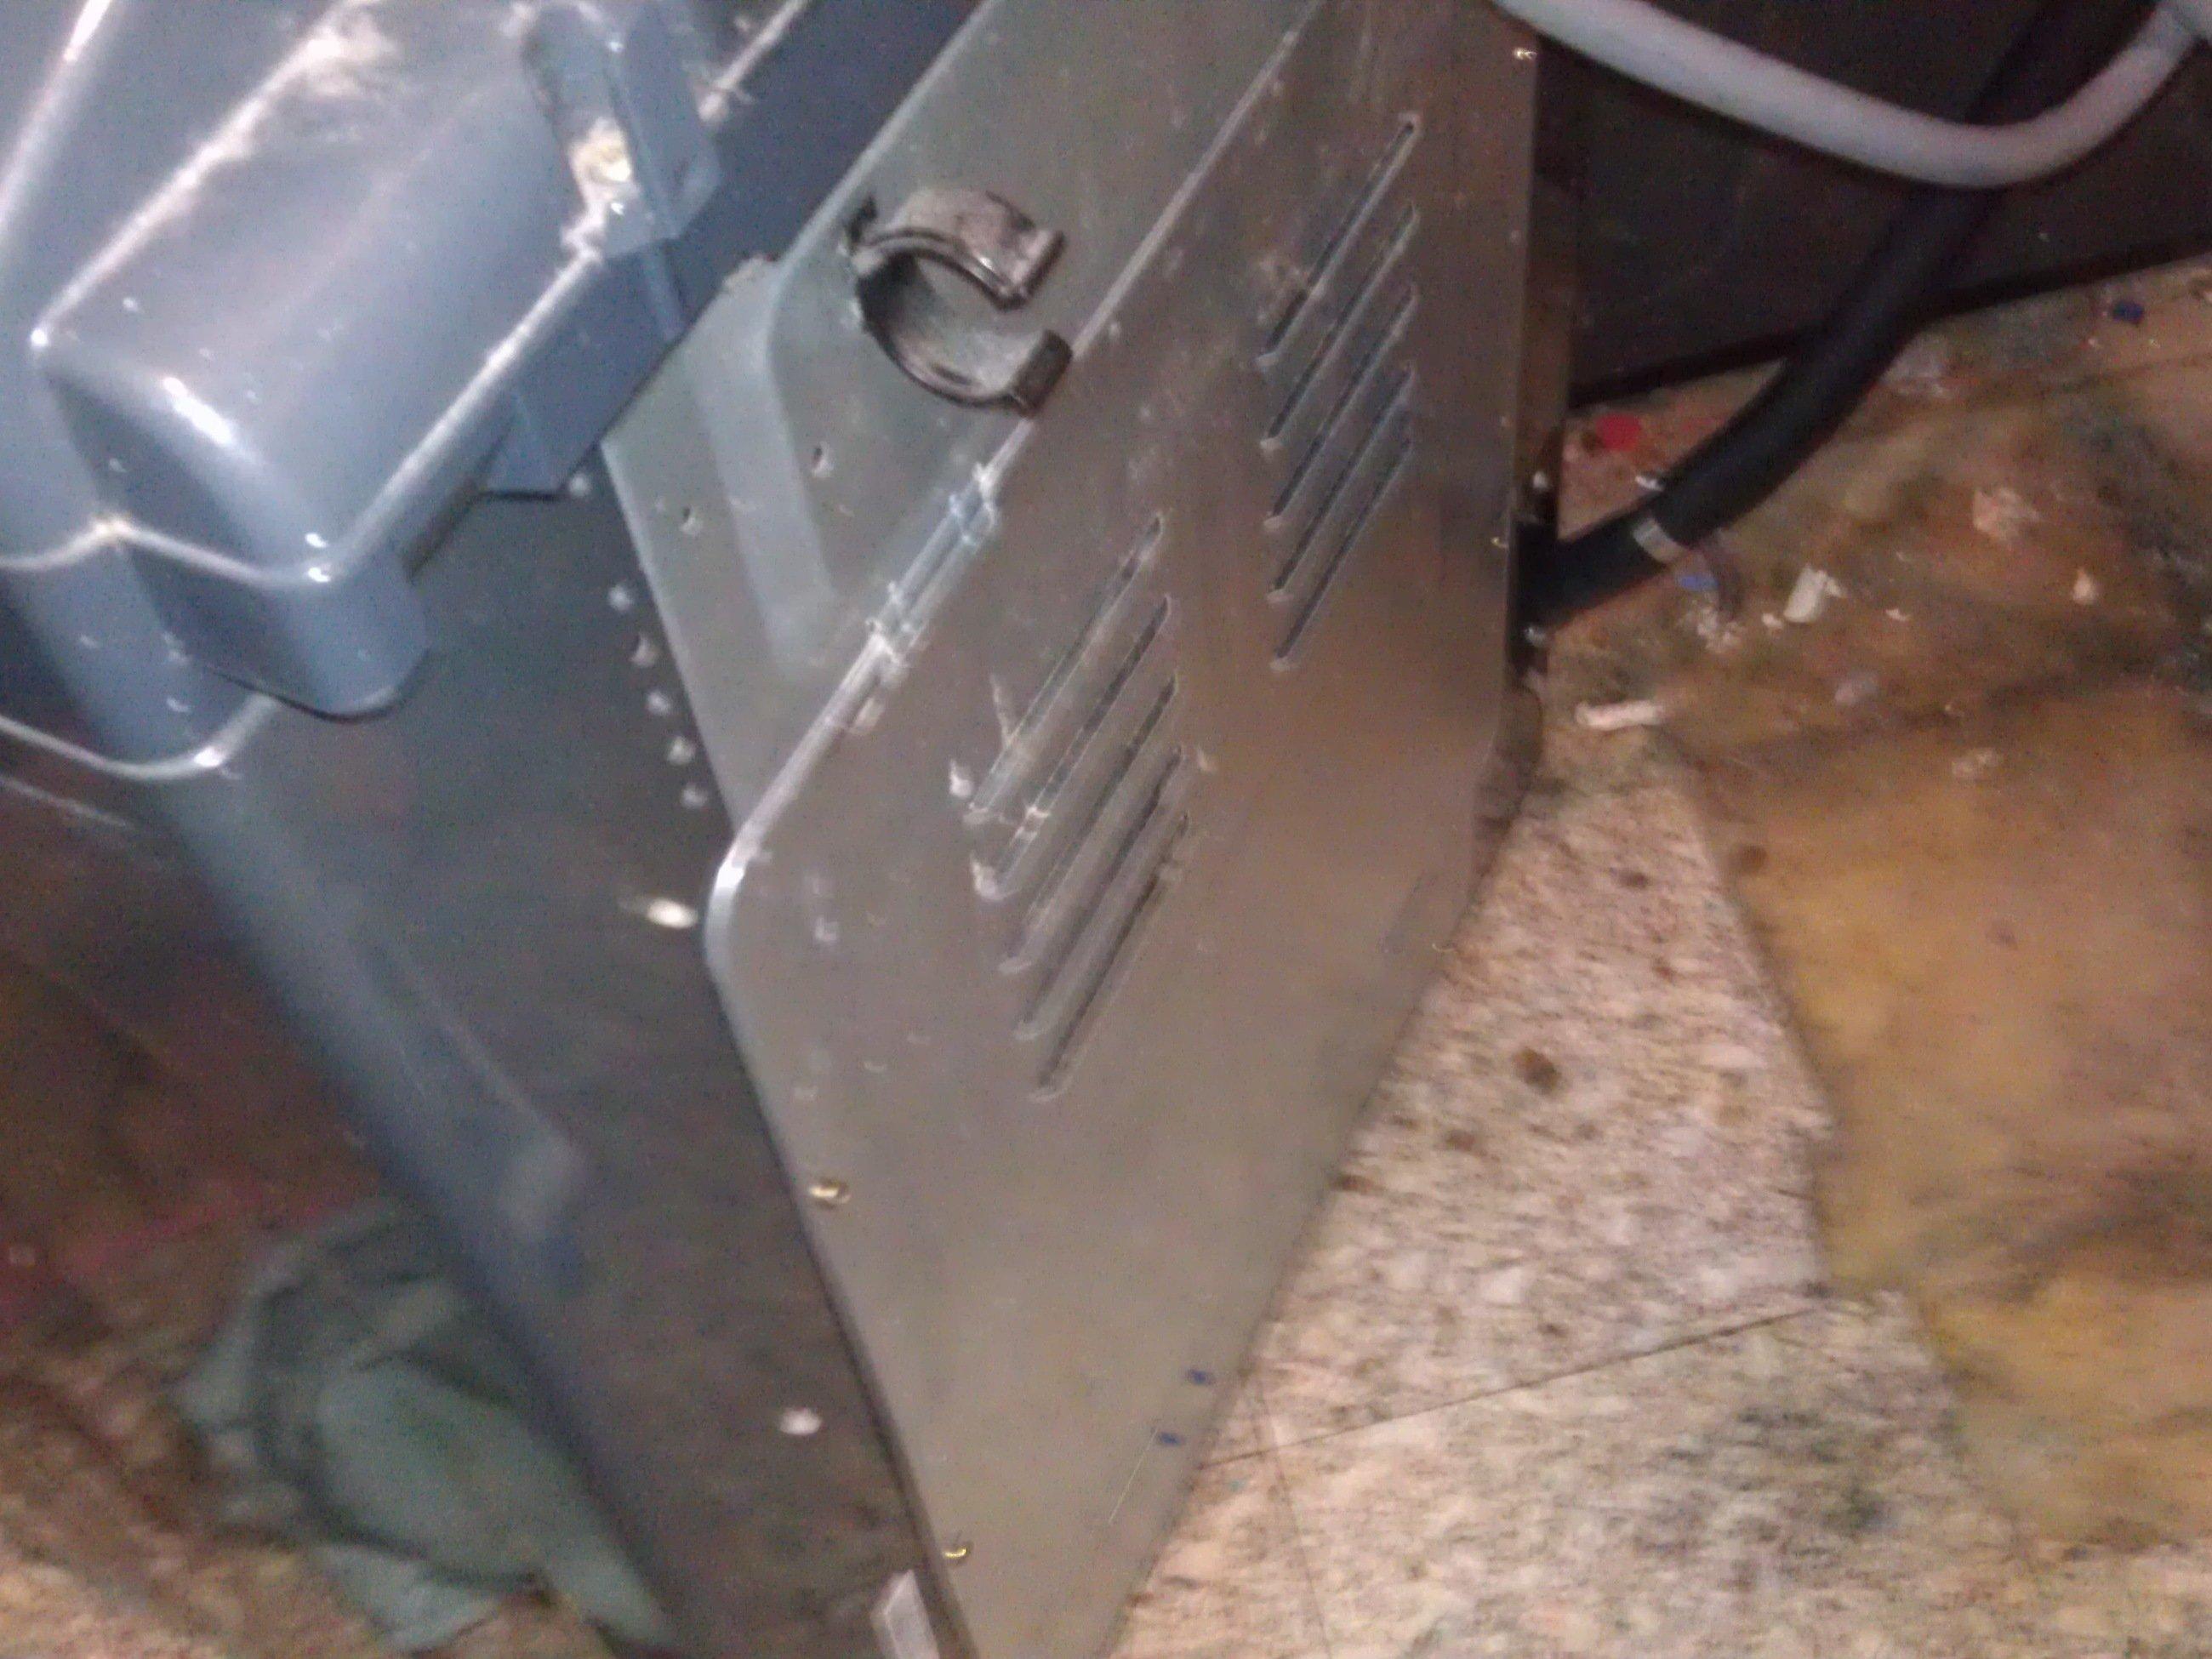 Repairing GE Washer WPGT9350COPL Drain Pump - iFixit Repair Guide